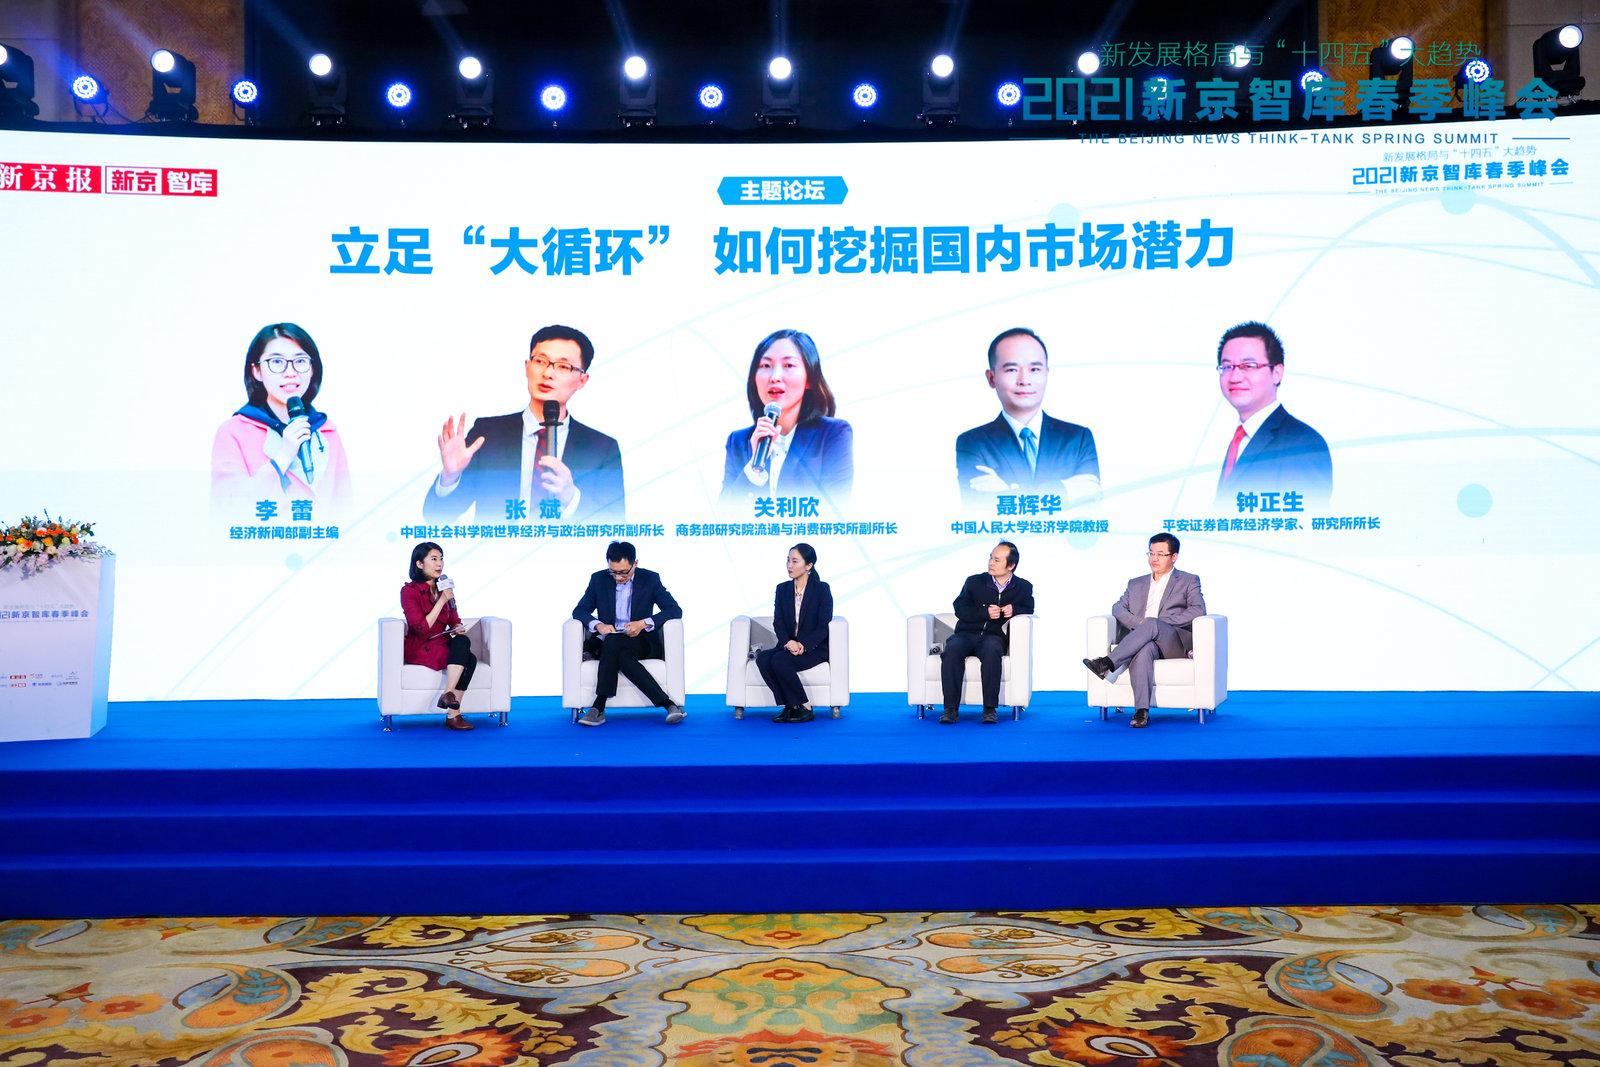 聂辉华:打破地方贸易壁垒需要适当加强垂直管理